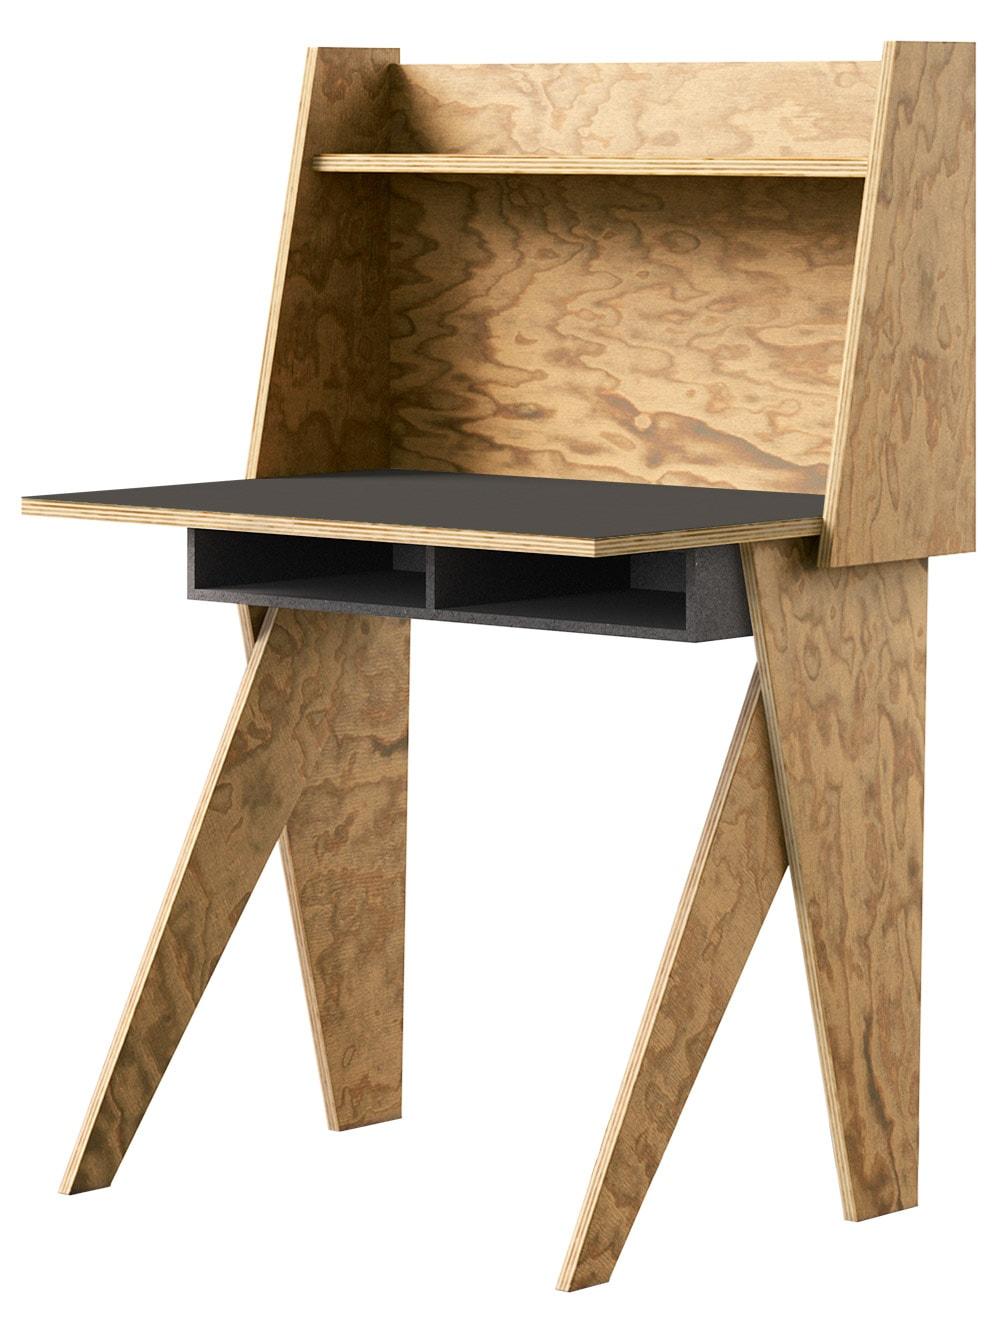 muesiemue Home Office Tisch von Tonia Welter, Tisch und Raumteiler elegant und kompakt vereint, in Seekiefer